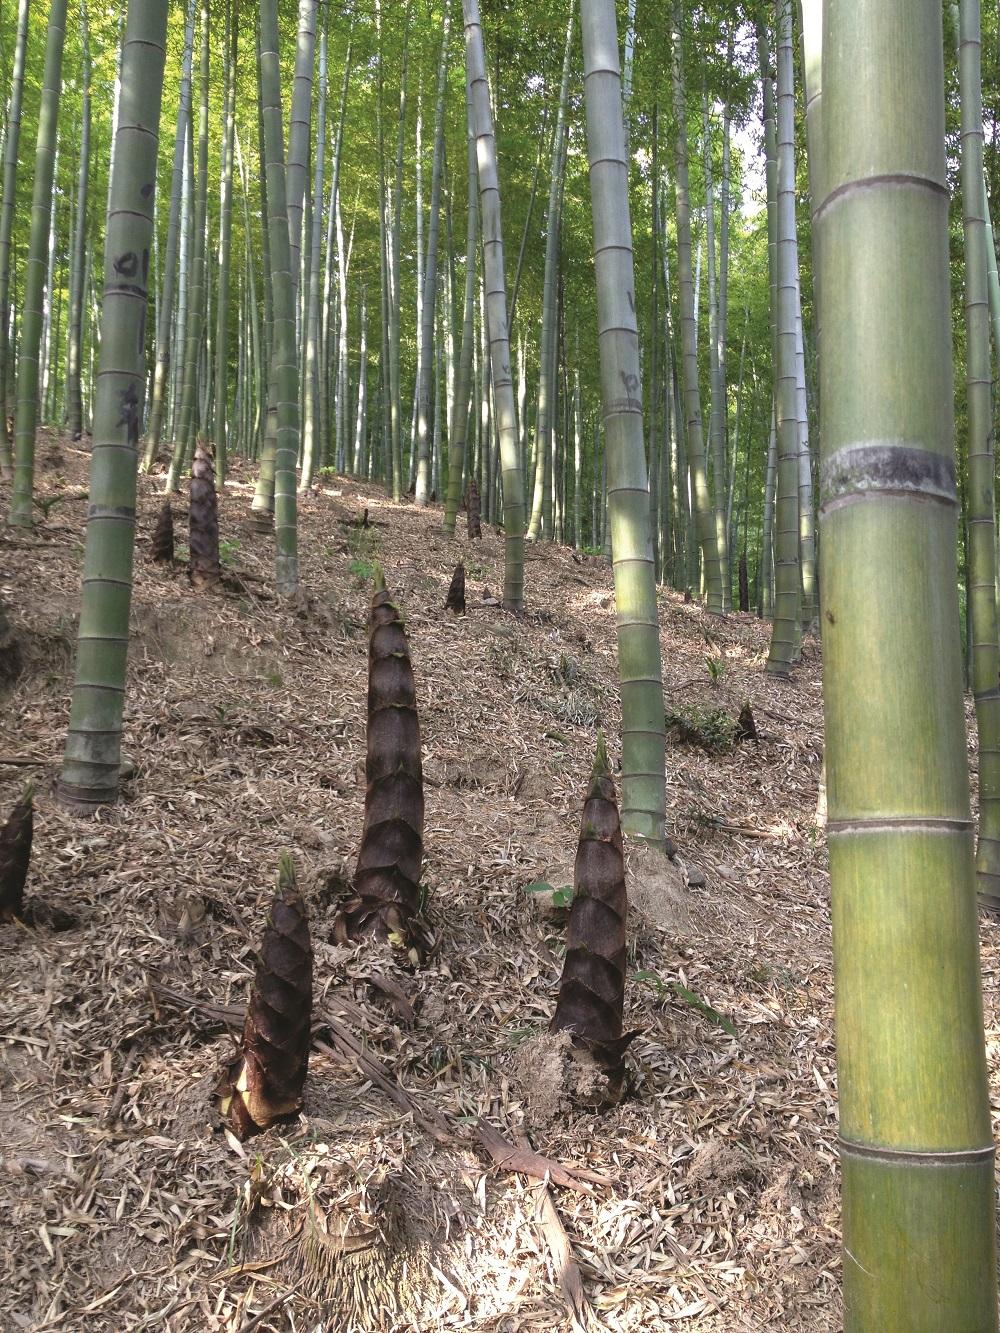 Germogli Bamb Prezzo.Bambu Sotto Contratto Esotico E Sostenibile